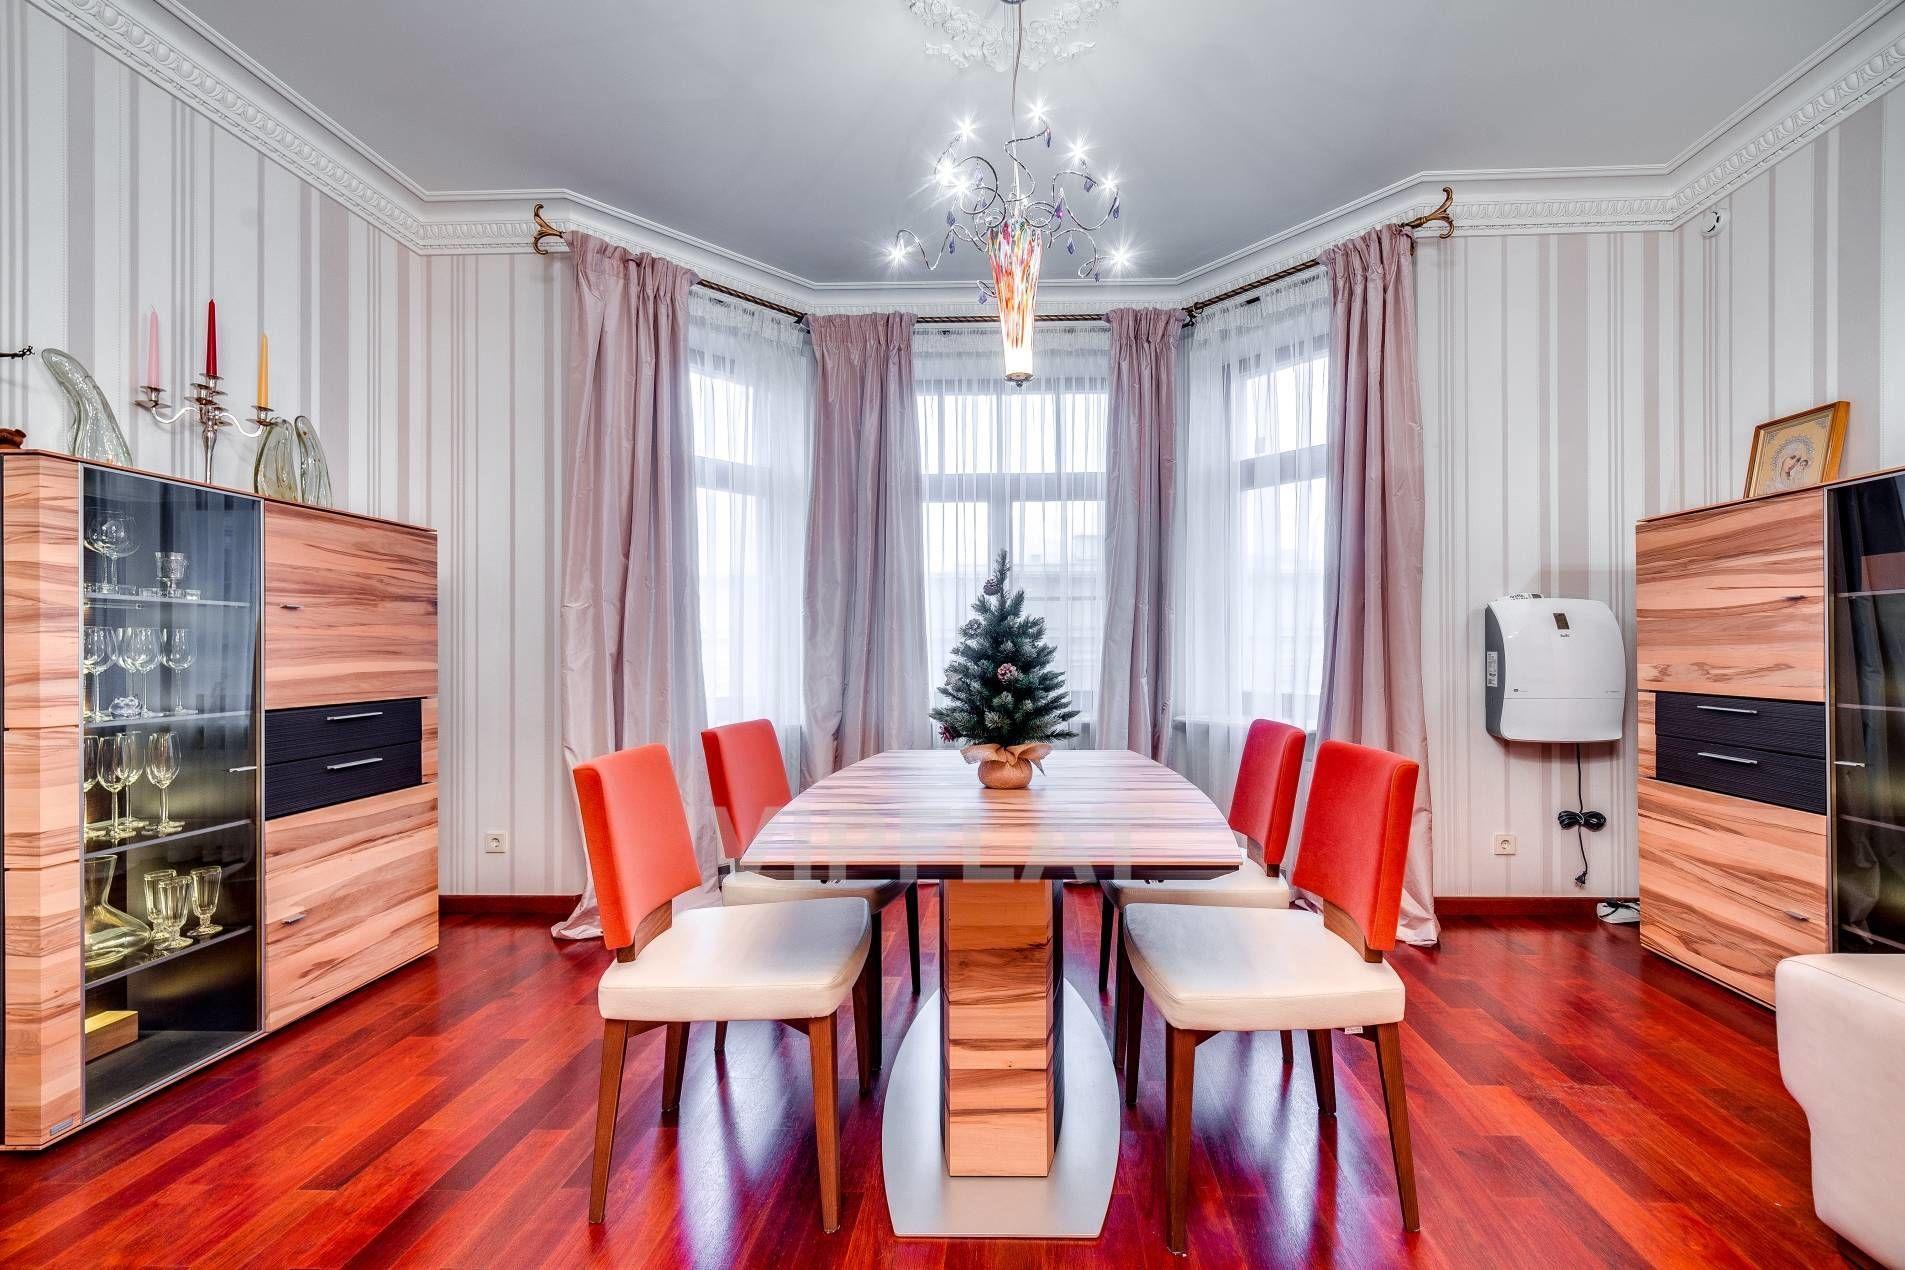 Продажа элитных квартир Санкт-Петербурга. 9-я Советская ул., 5 Эркер в гостиной